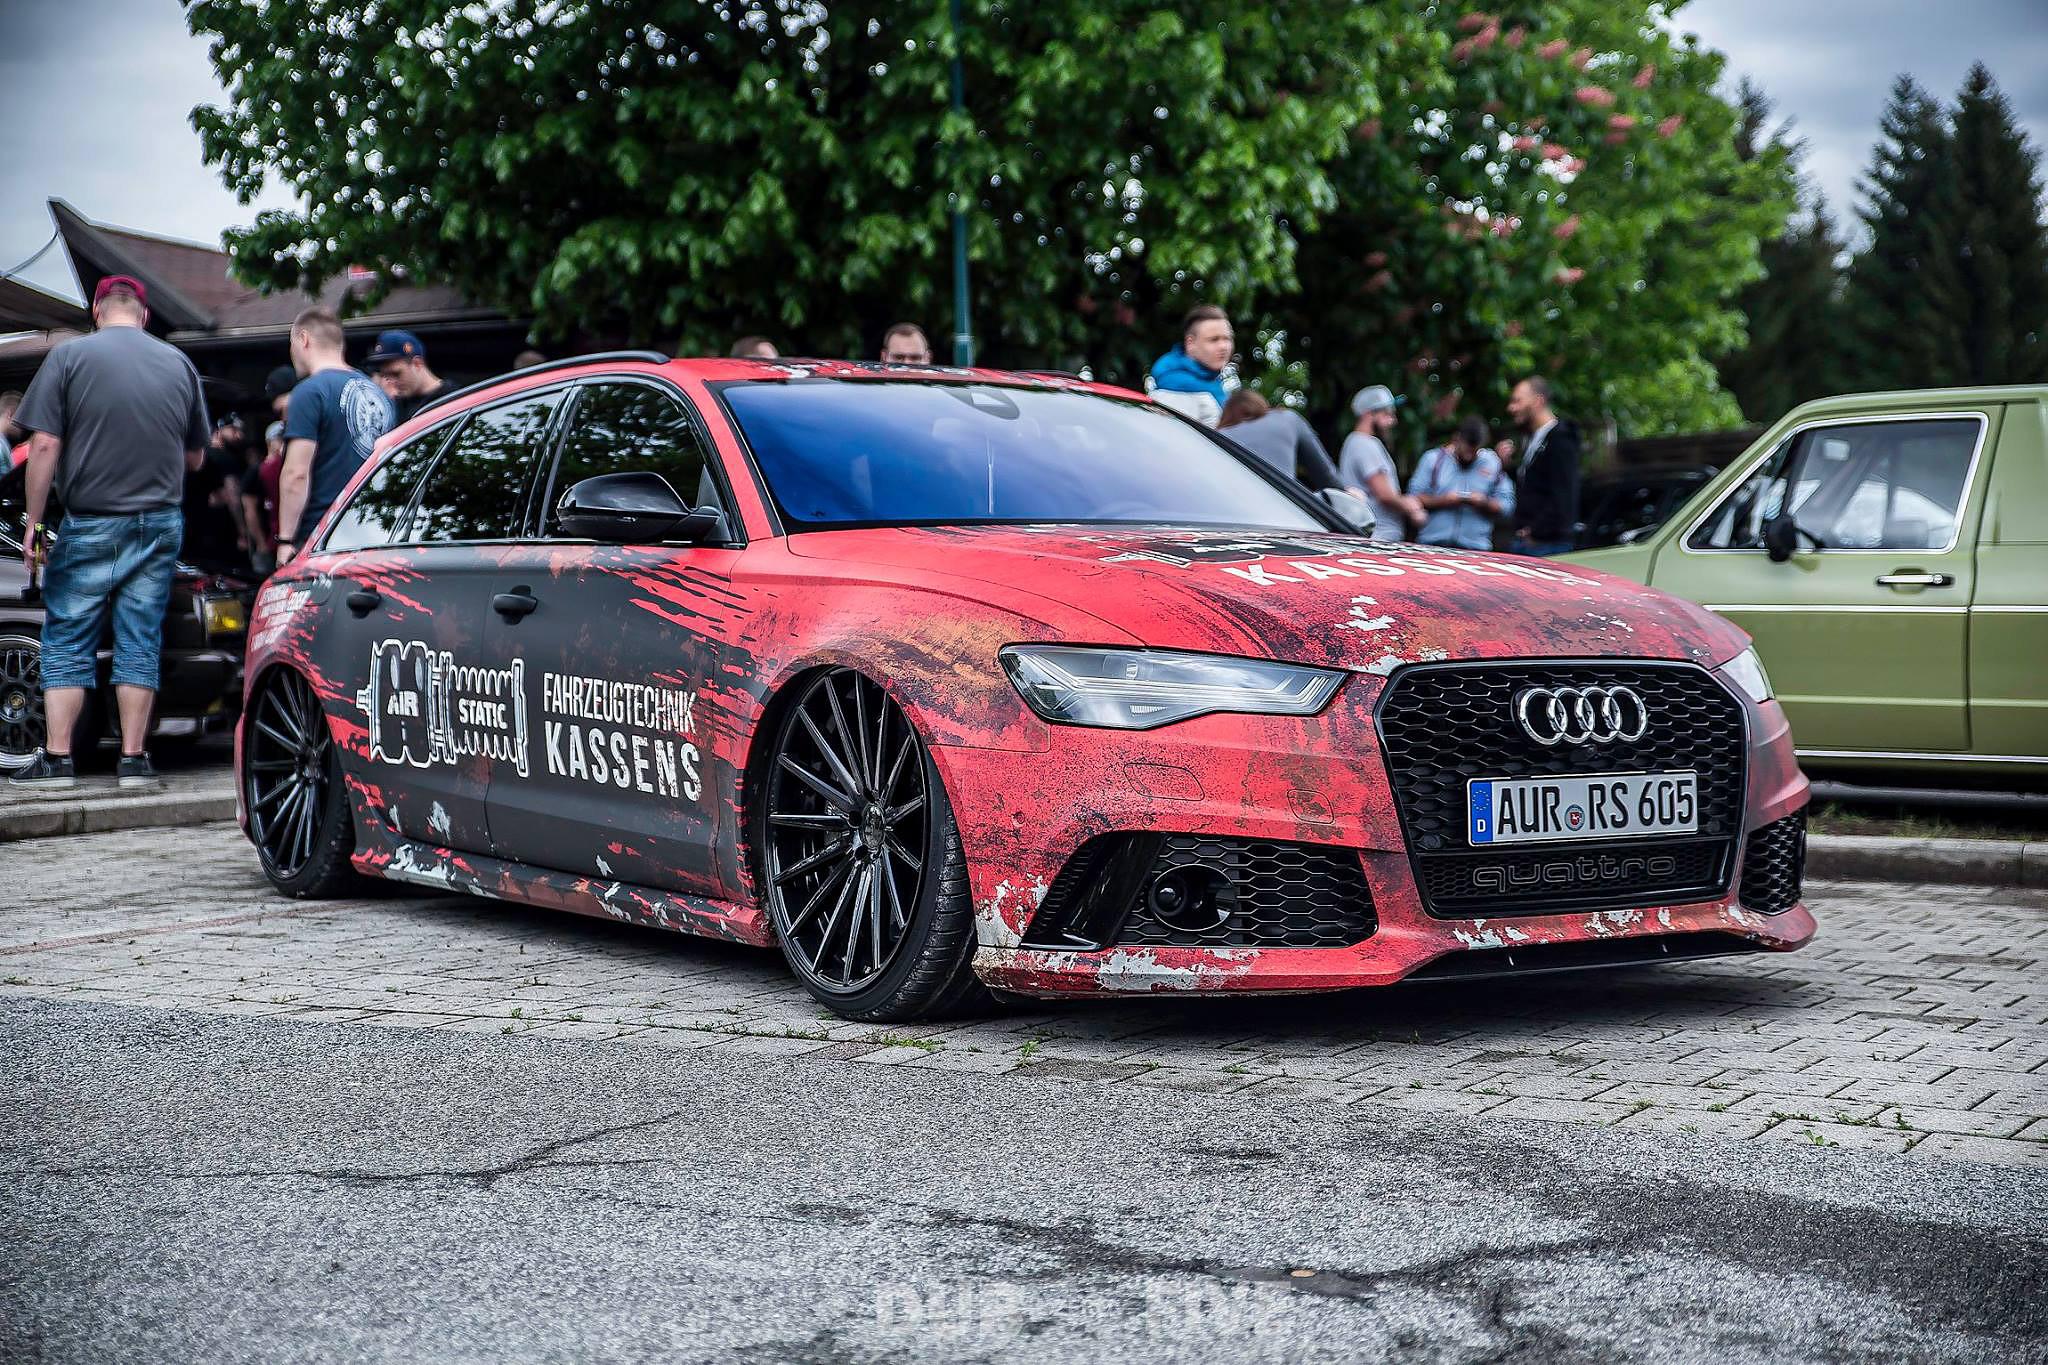 💥 Audi Fahrzeugtechnik kassens 💥